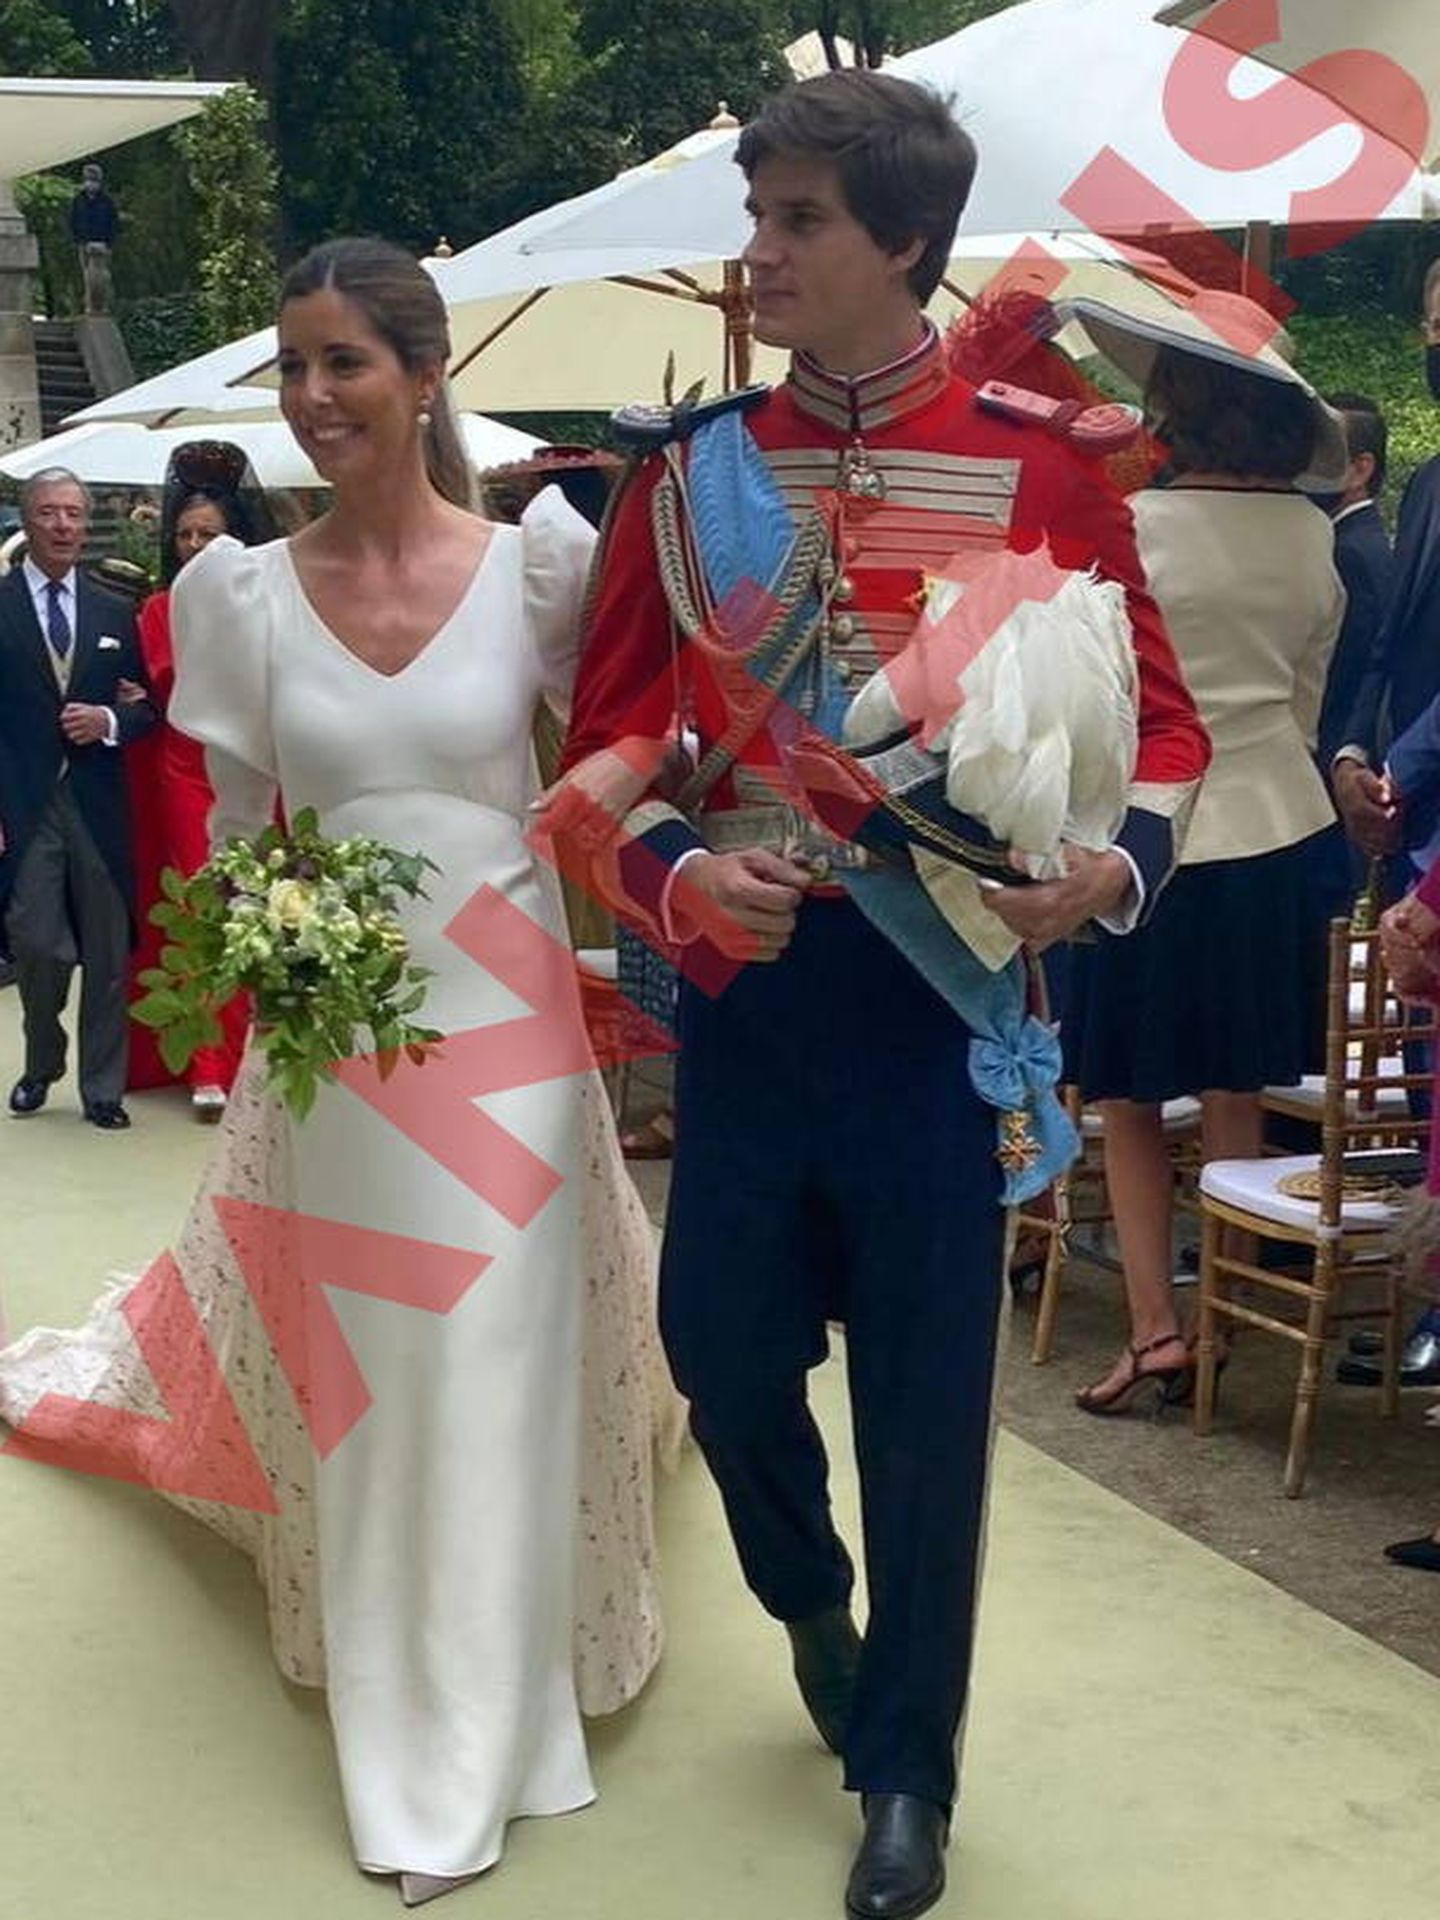 Primera foto de los novios, Carlos y Belén Corsini, recién casados. (Vanitatis)